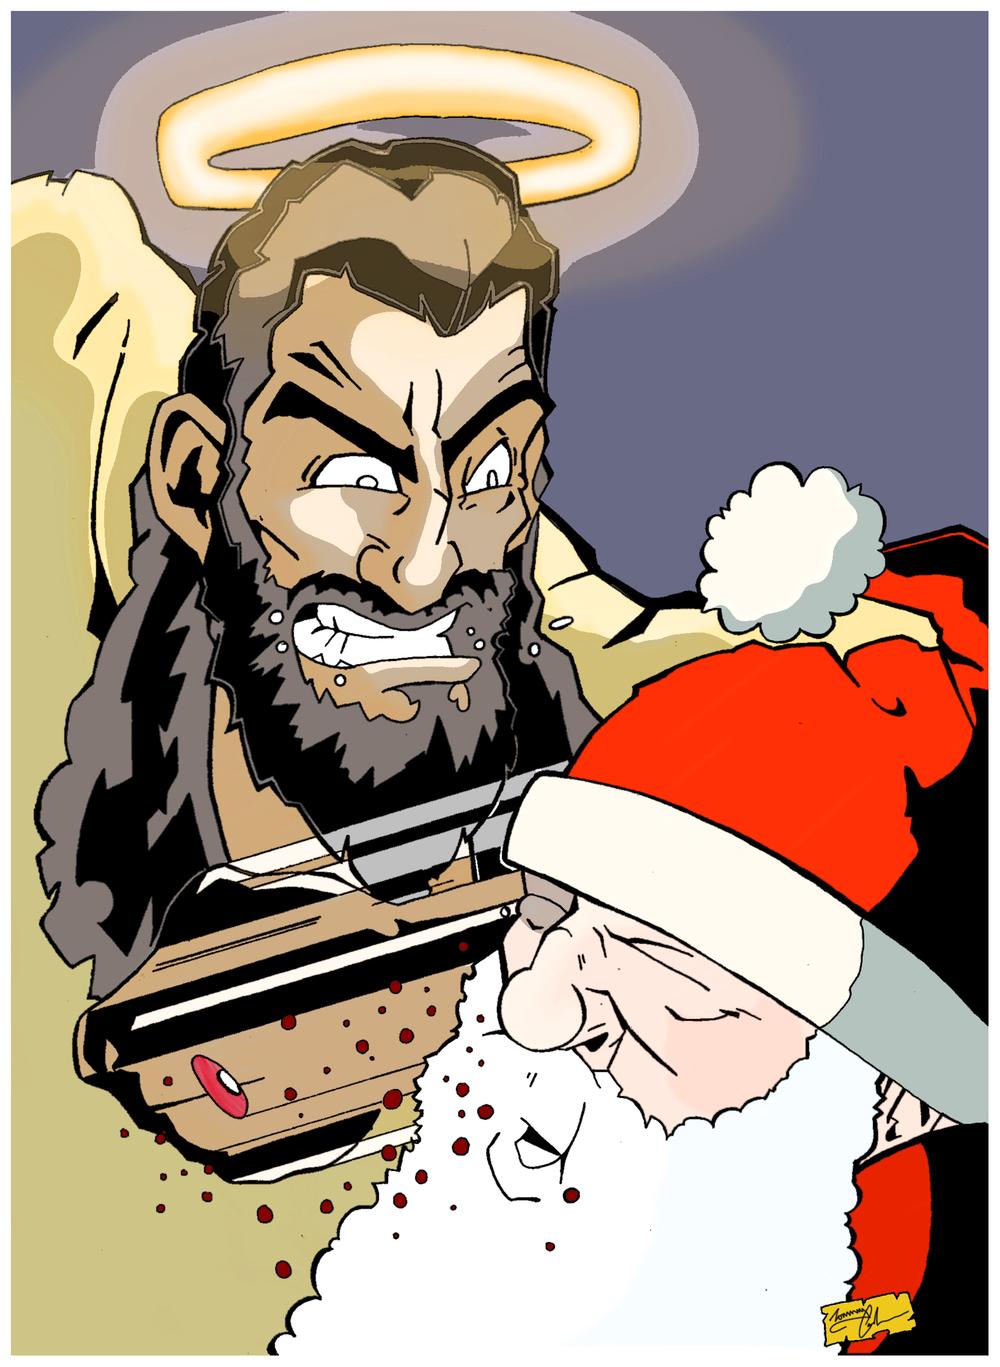 Jesus v's Santa